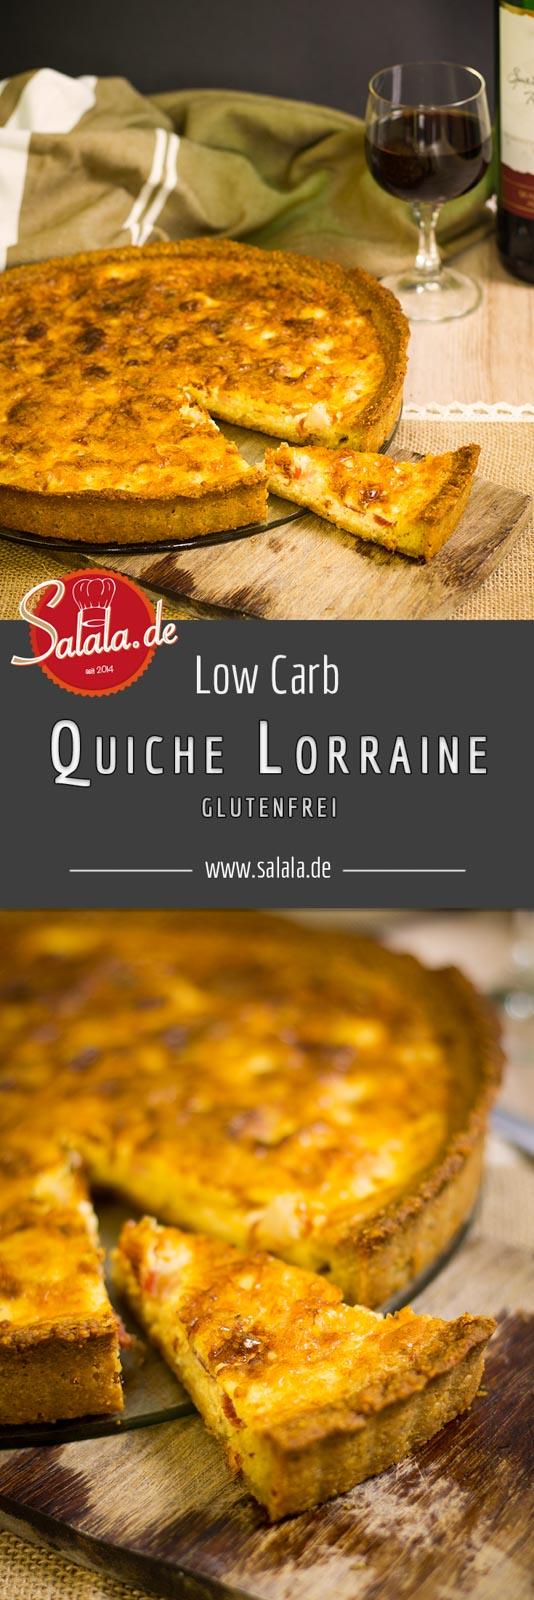 Quiche Lorraine low carb und ohne Mehl - by salala.de - low carb Mürbeteig ohne Mehl glutenfrei Eier Speck Sahne